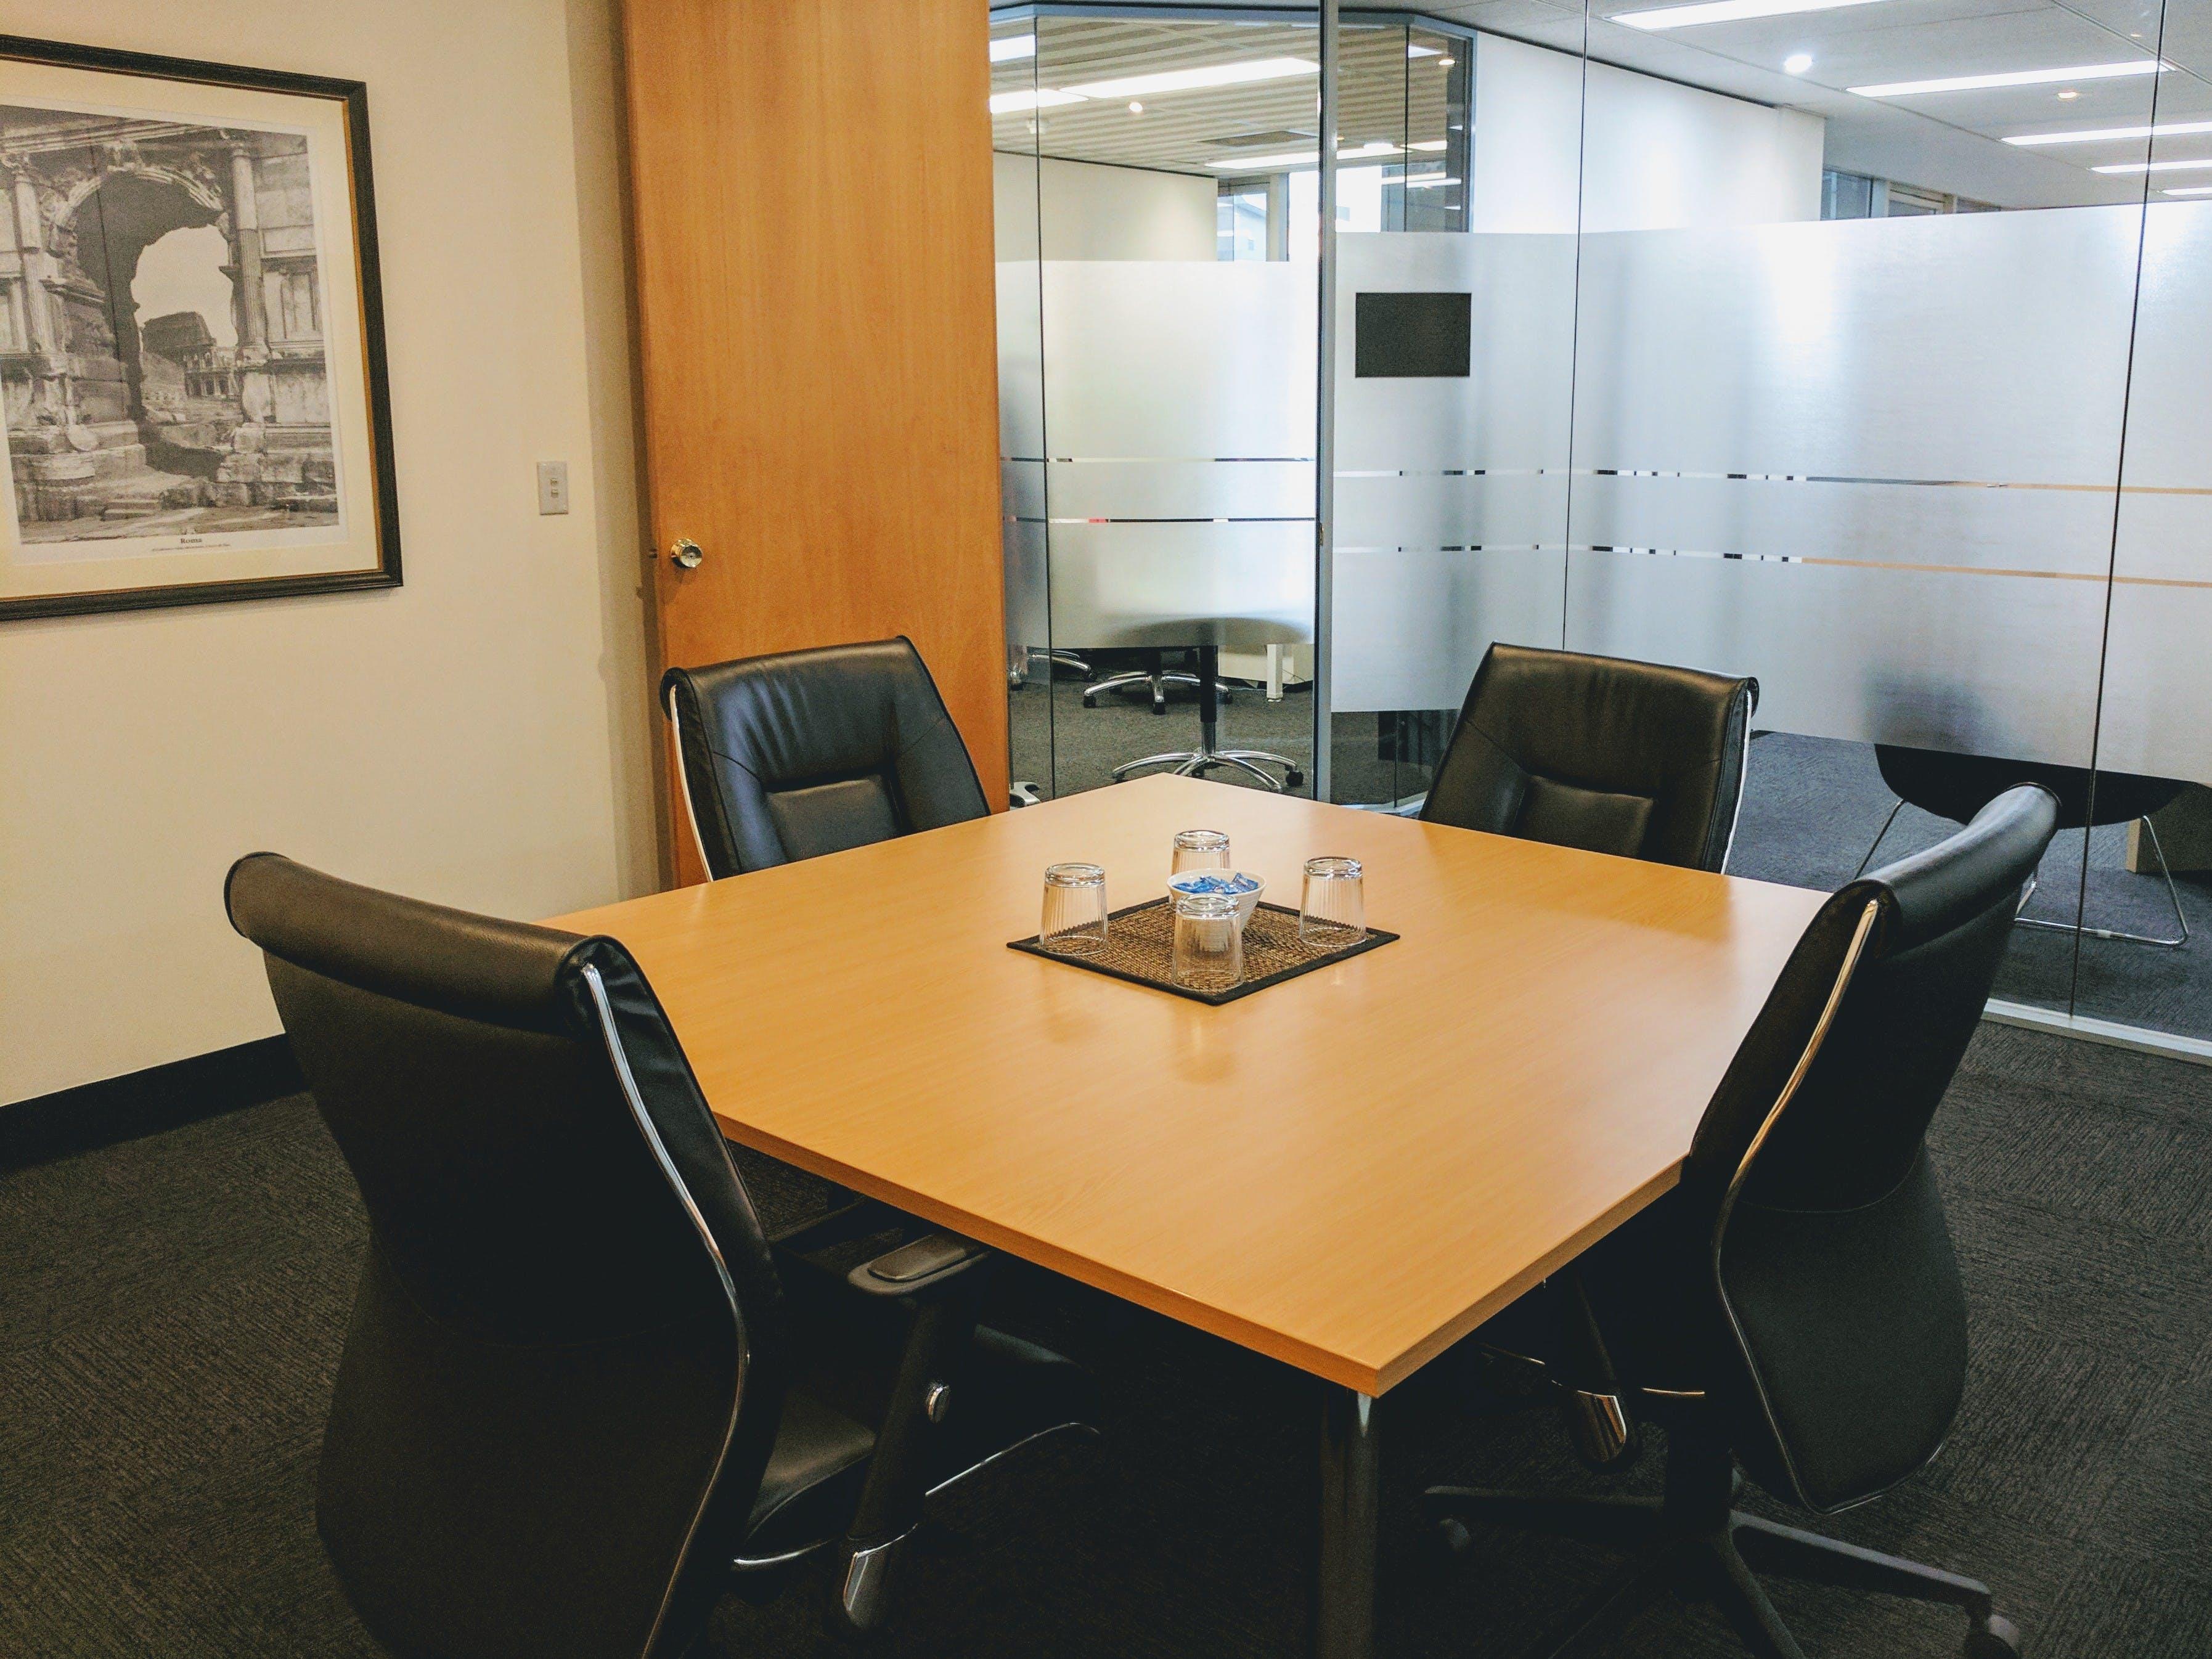 Kidman Room, meeting room at Wilkin Group, image 1